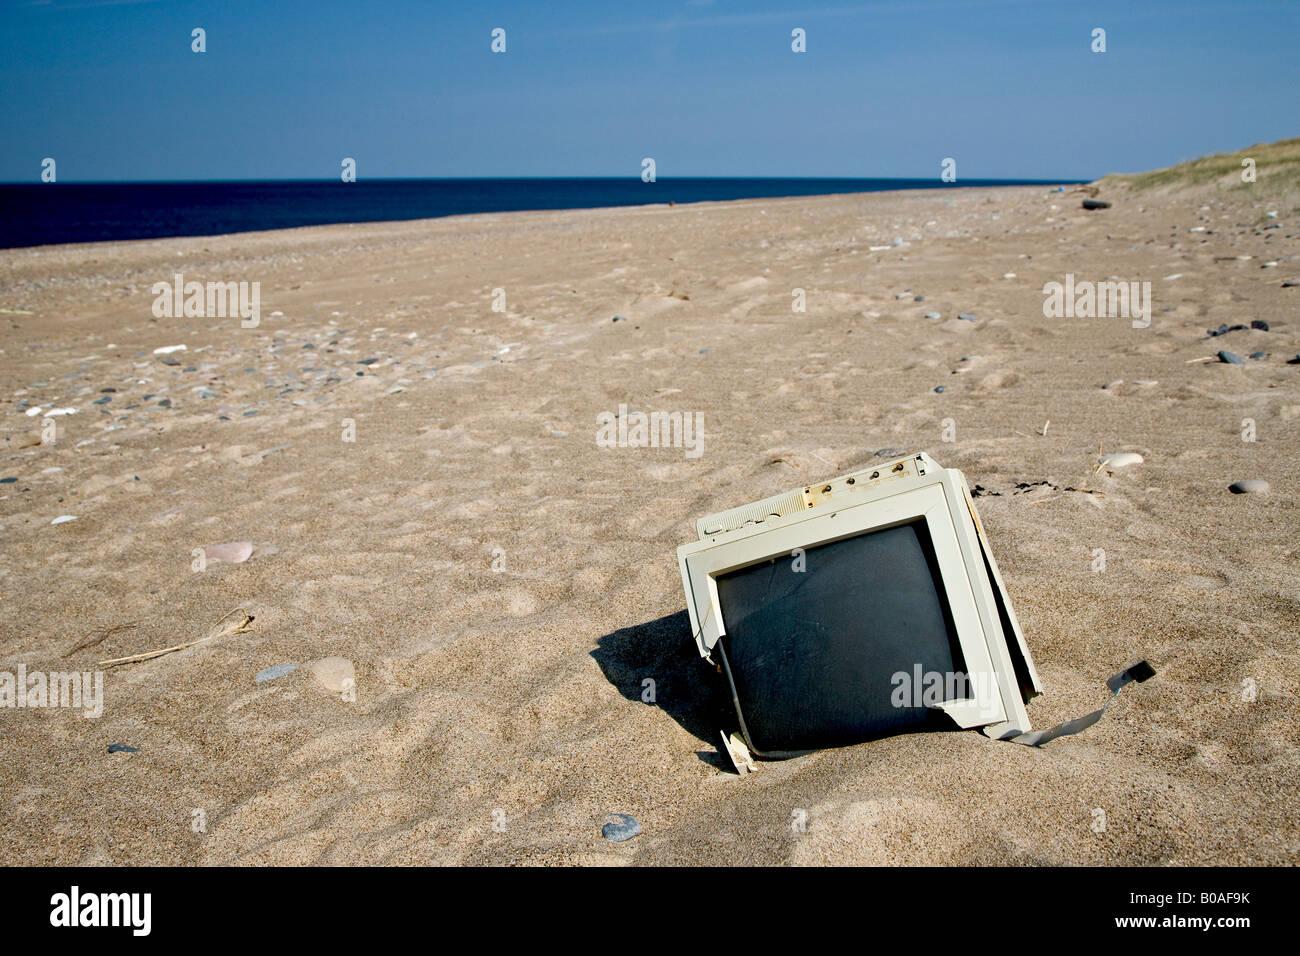 Des déchets électroniques sur la plage Photo Stock